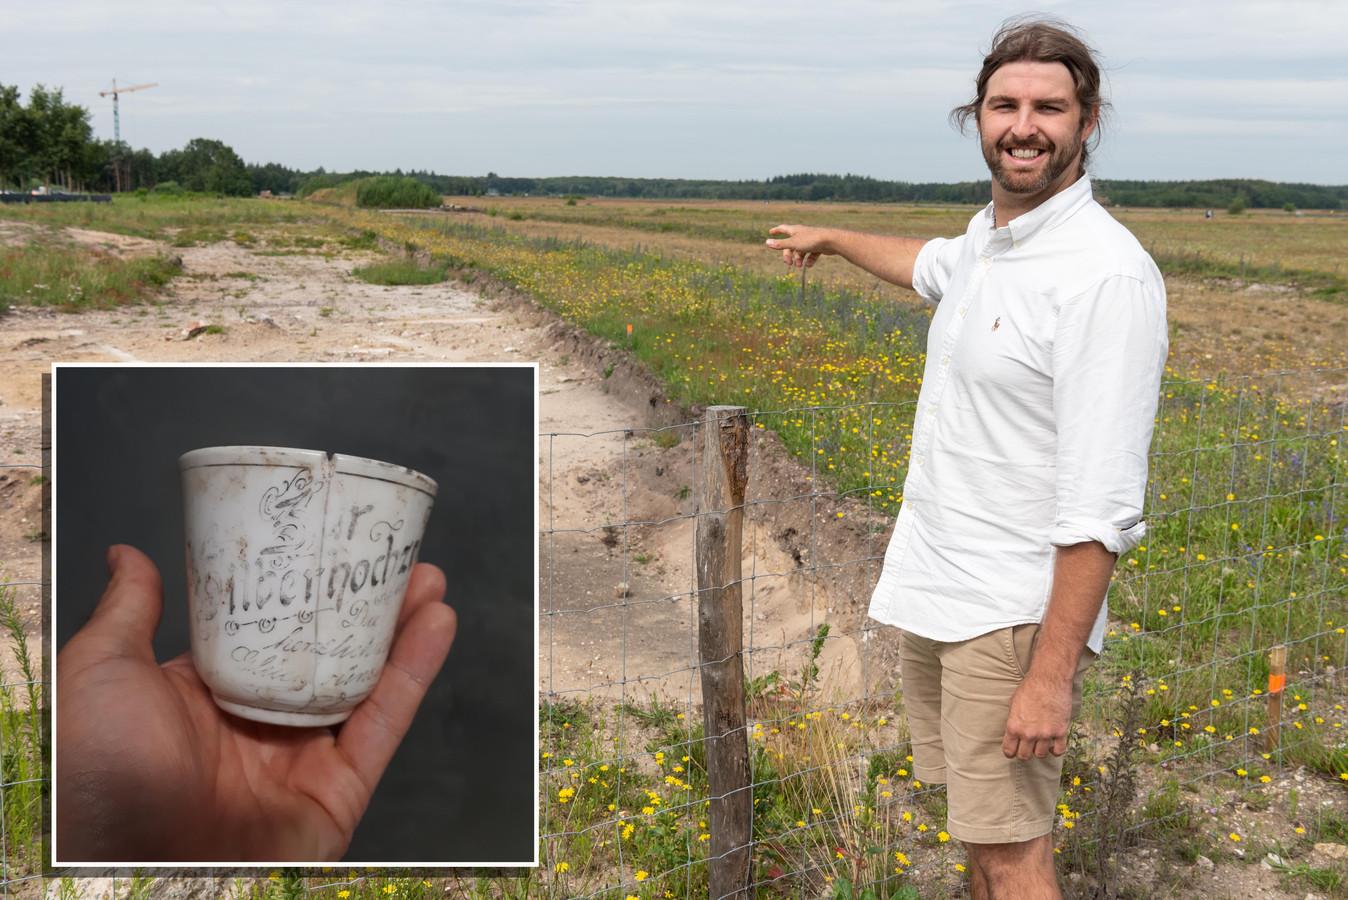 Nick Warmerdam doet archeologisch onderzoek op de vliegbasis naar woningen die zijn gesloopt om de vliegbasis Soesterberg te vergroten. Inzet:  een theekopje ter gelegenheid van een 25-jarig huwelijk.